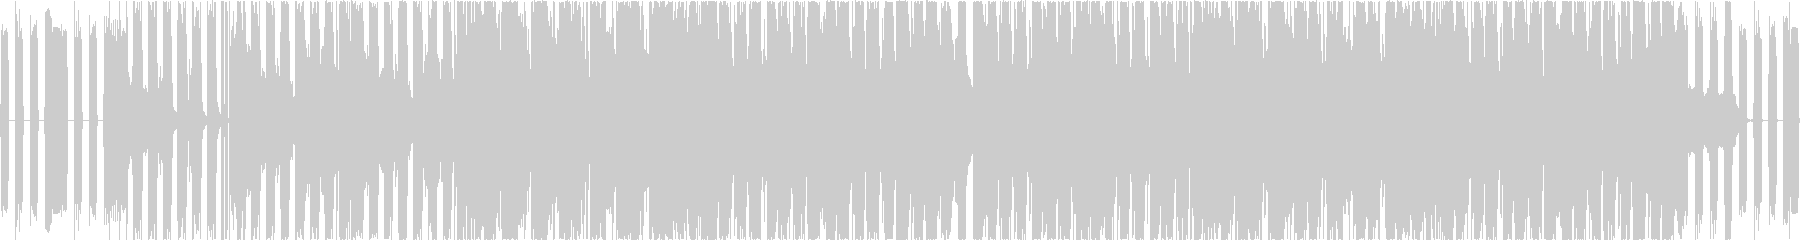 エレクトロでBGM用に。の未再生の波形